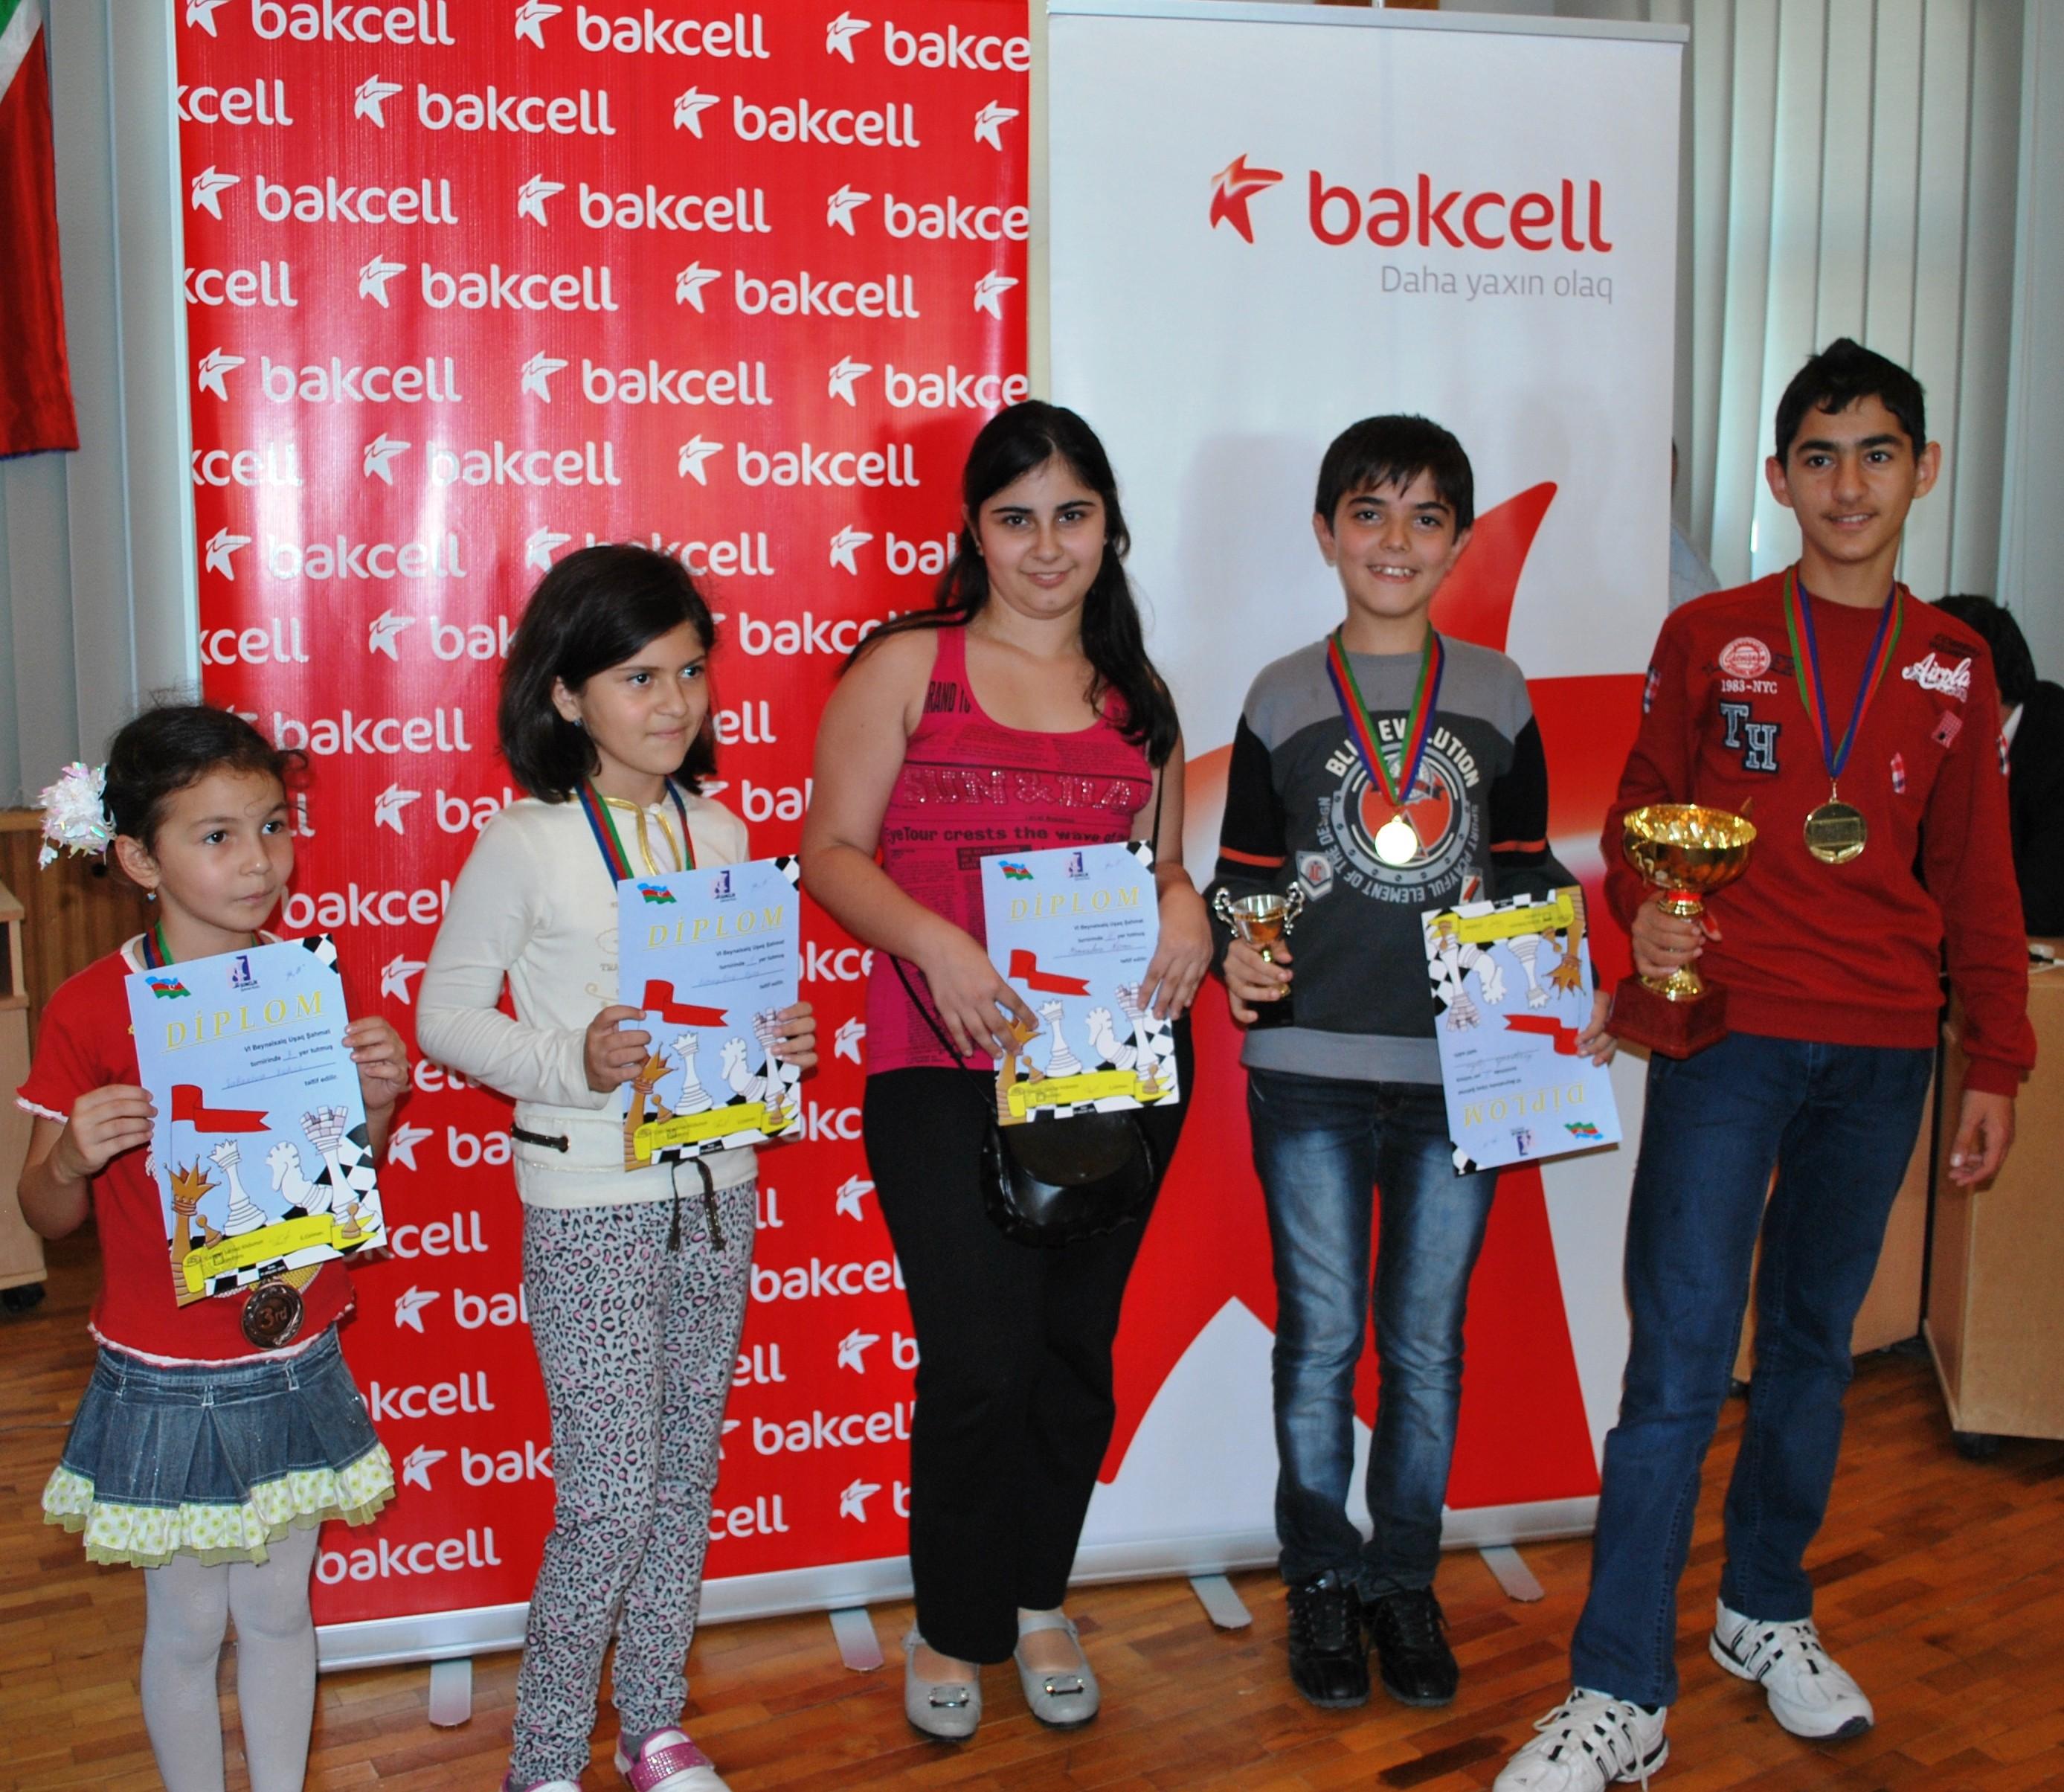 Bakcell Beynəlxalq Şahmat Turnirinə dəstək verib - <font color=red>Foto</font>